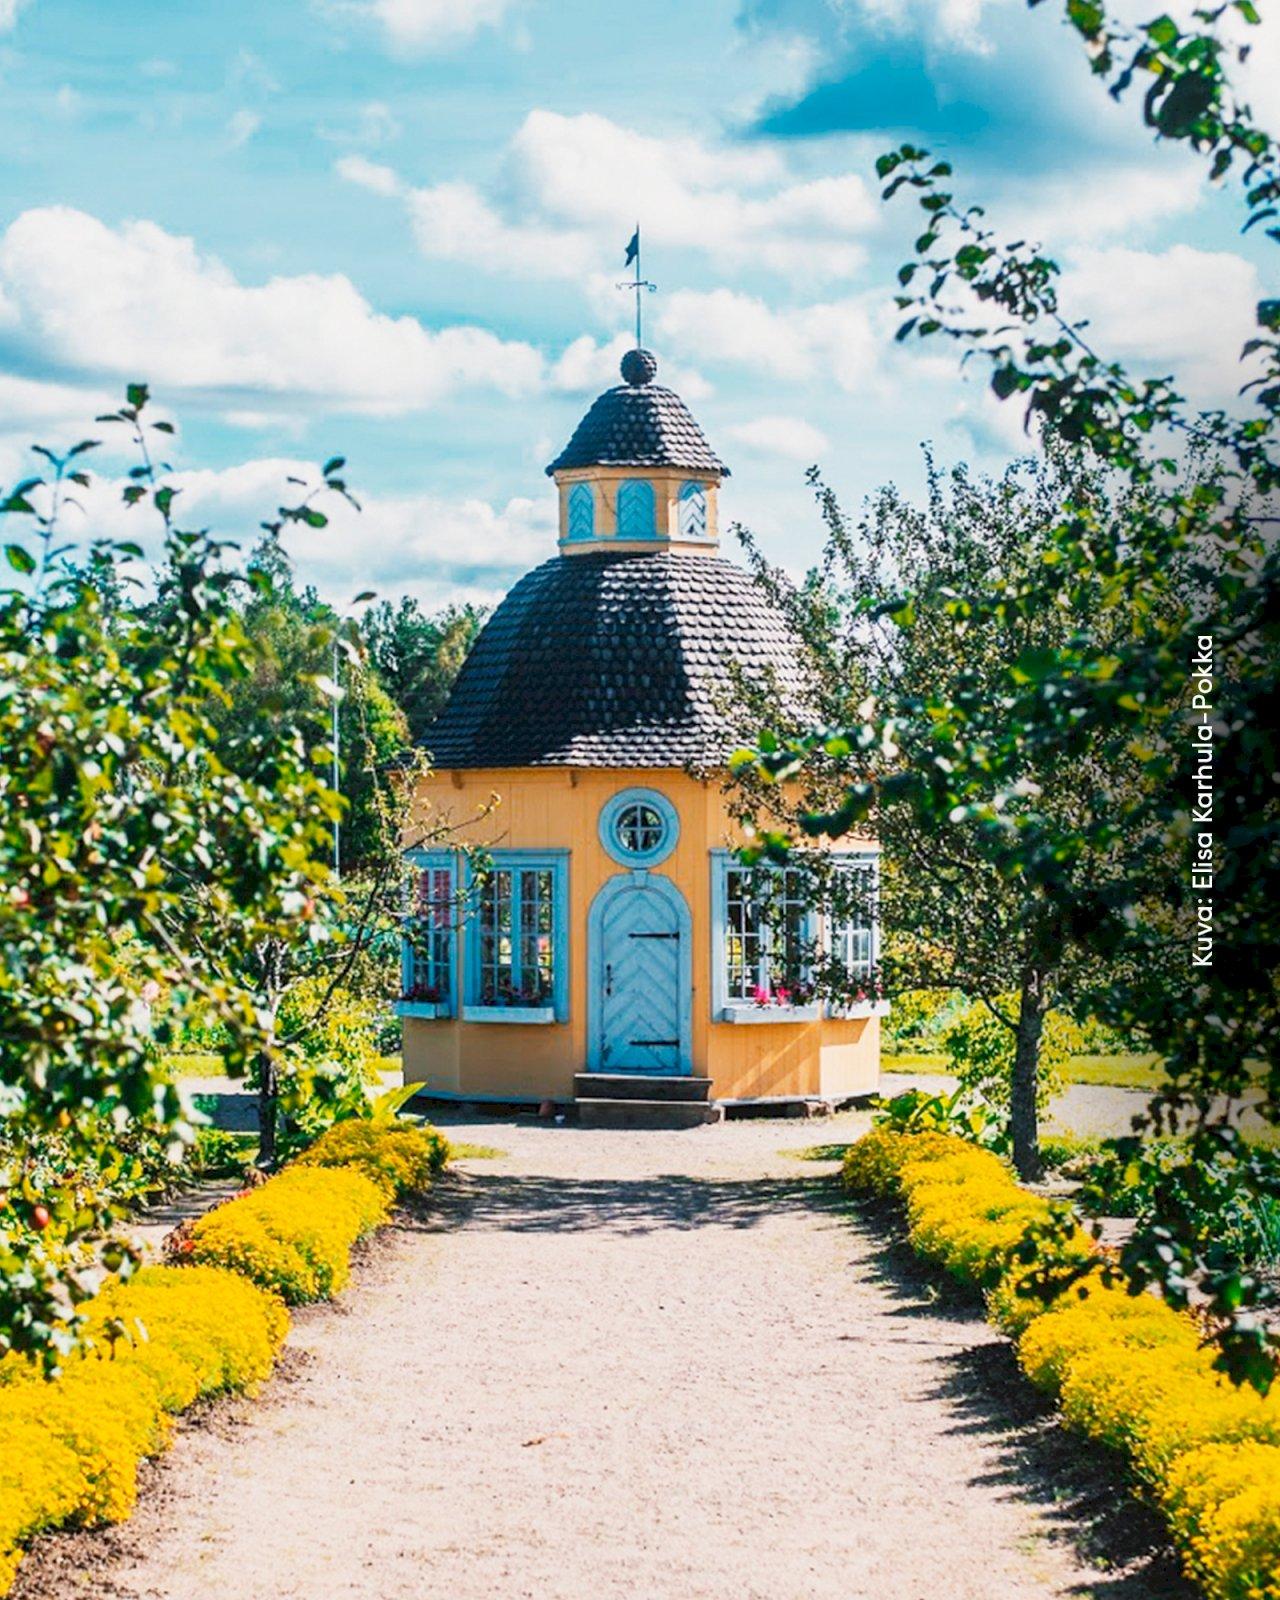 Keltainen huvimaja Aspergerin puutarhan keskellä Pietarsaaressa.